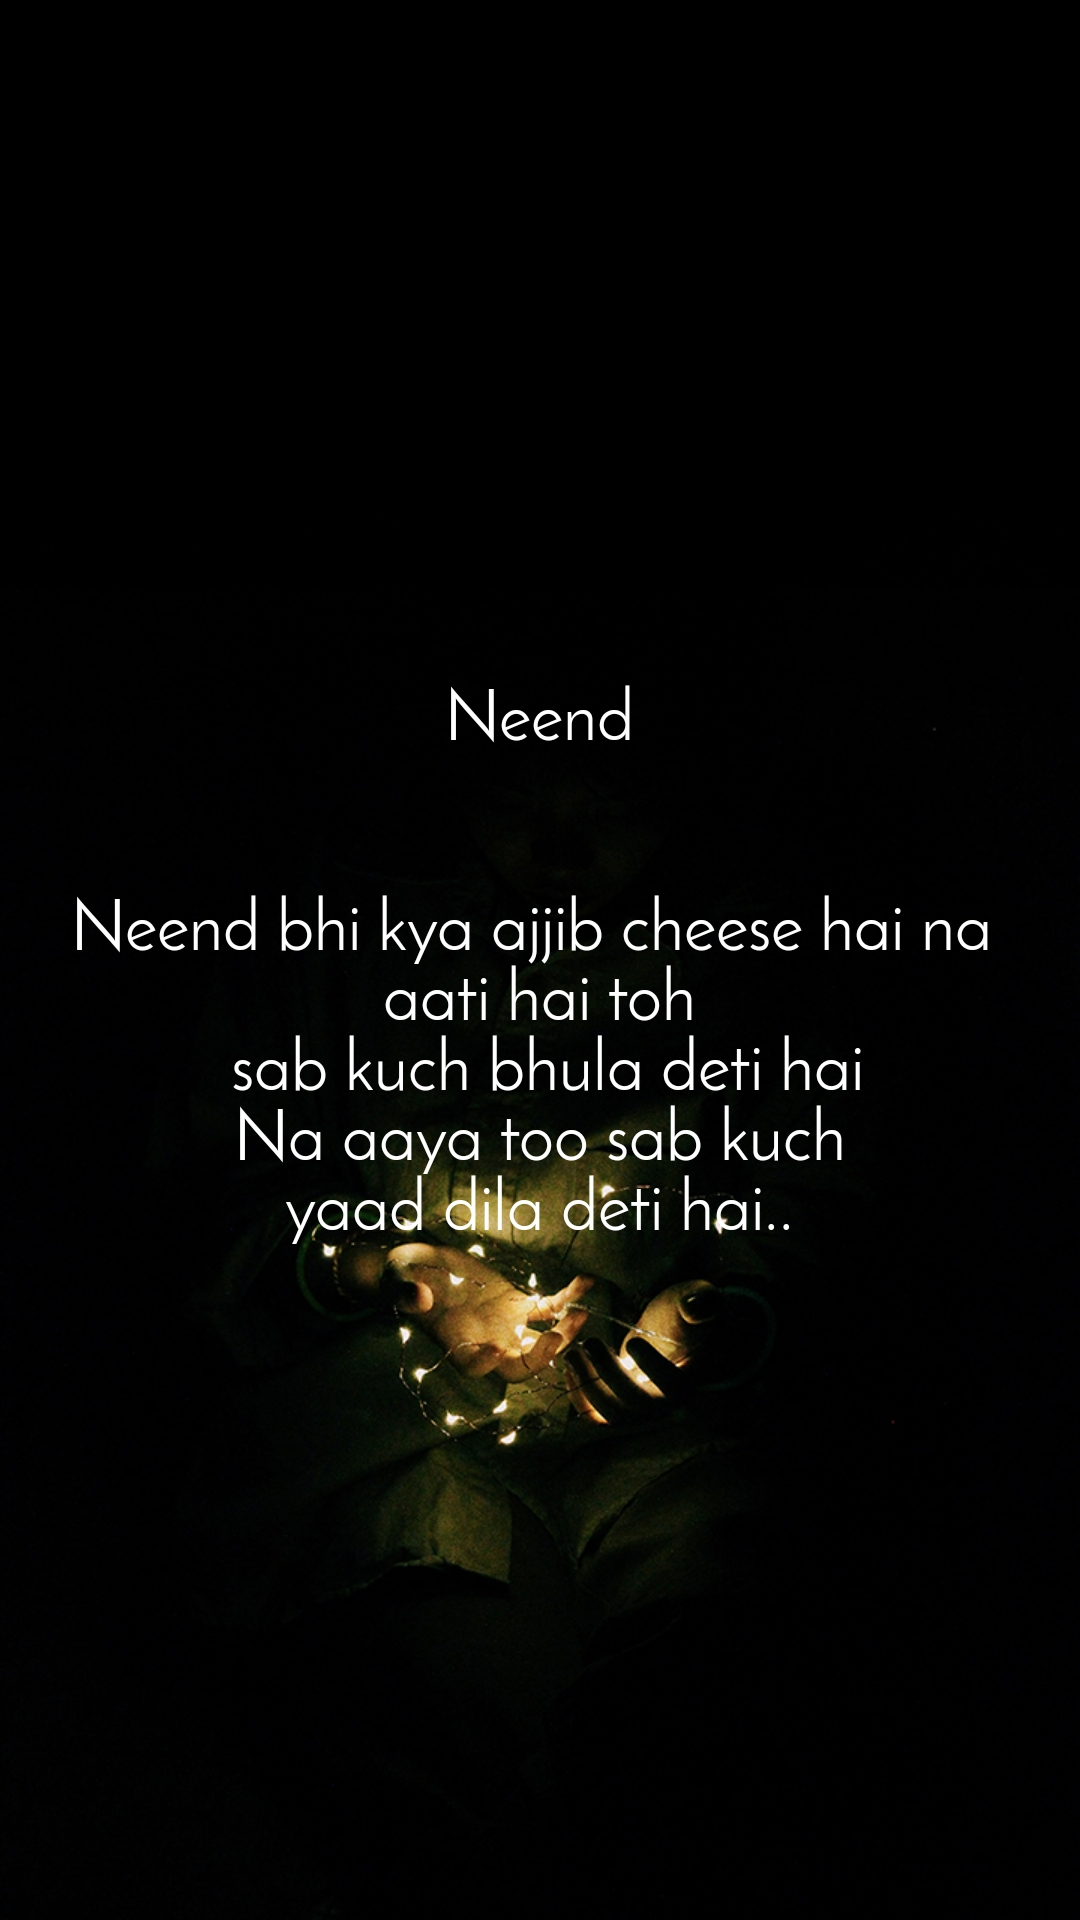 Neend   Neend bhi kya ajjib cheese hai na  aati hai toh  sab kuch bhula deti hai  Na aaya too sab kuch  yaad dila deti hai..